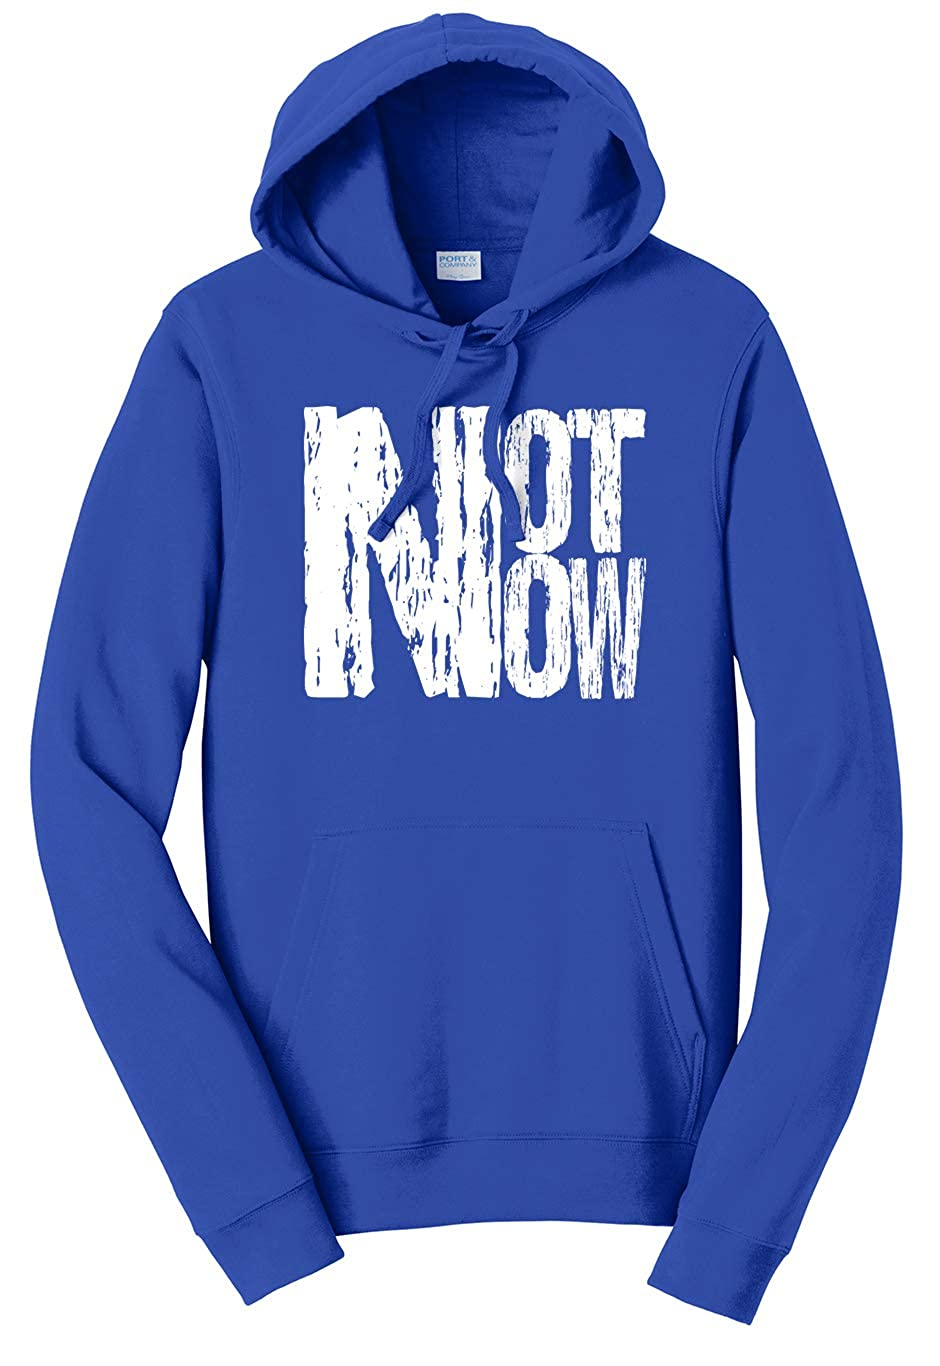 Tenacitee Unisex Not Now Sweatshirt